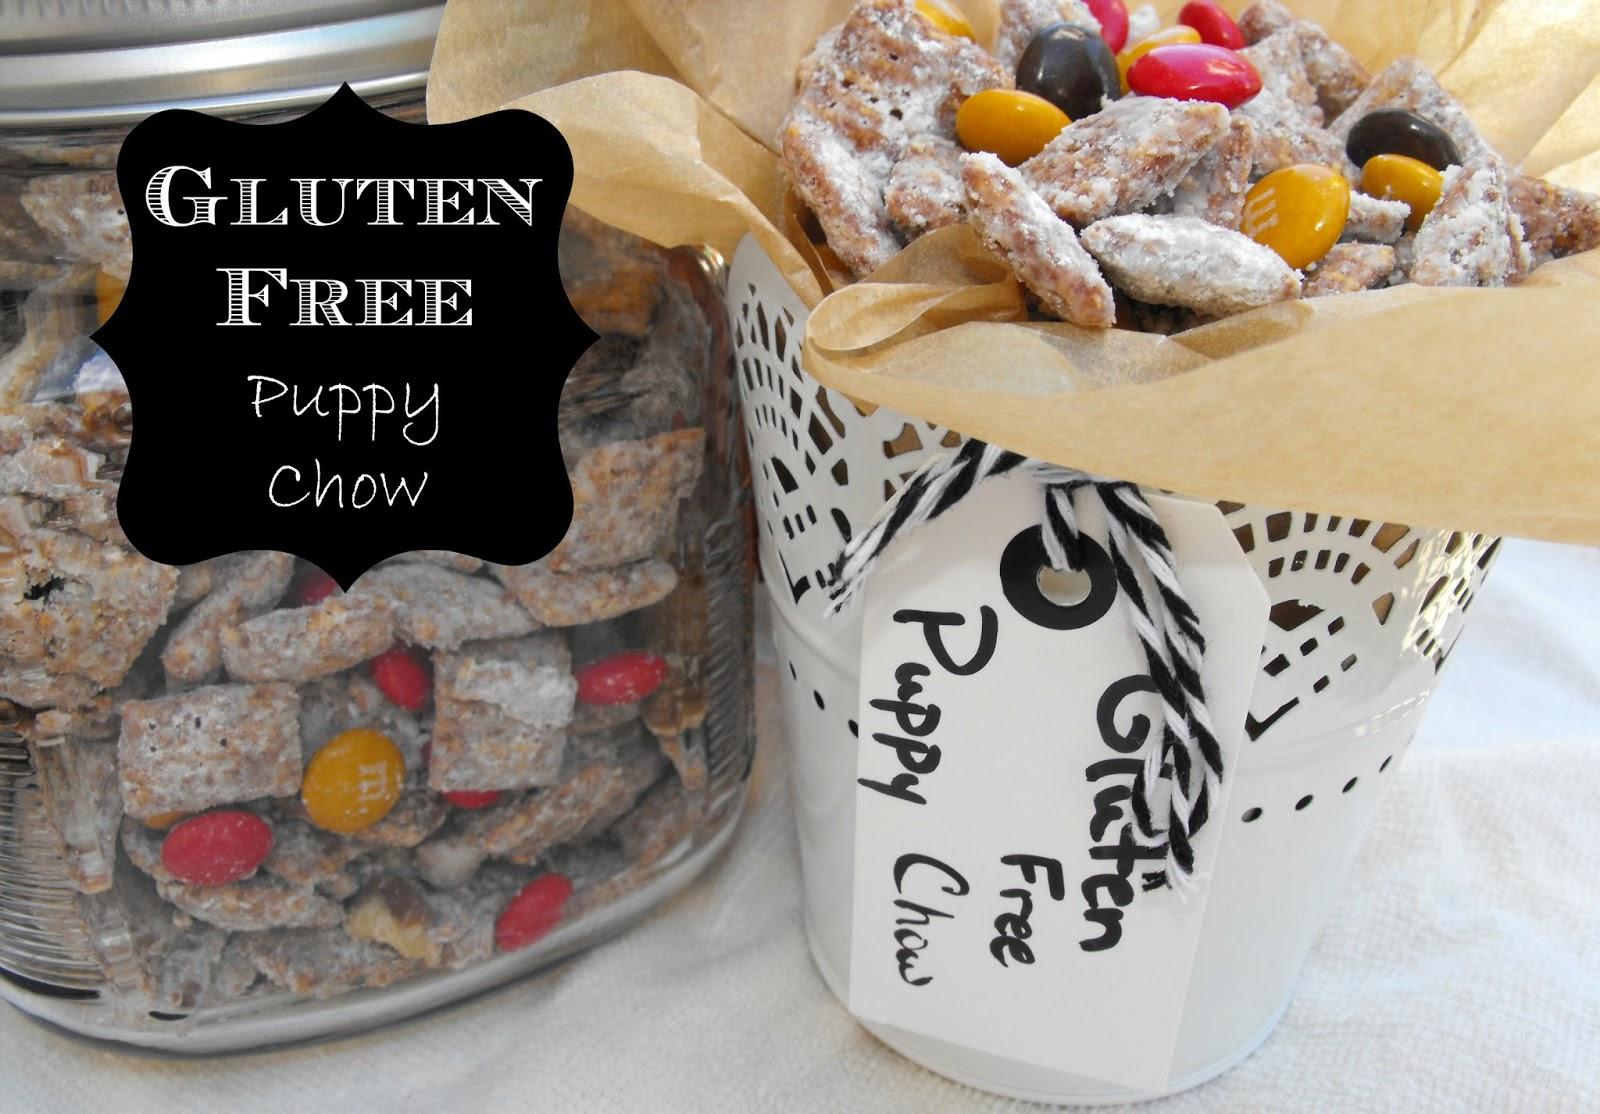 gluten free puppy chow